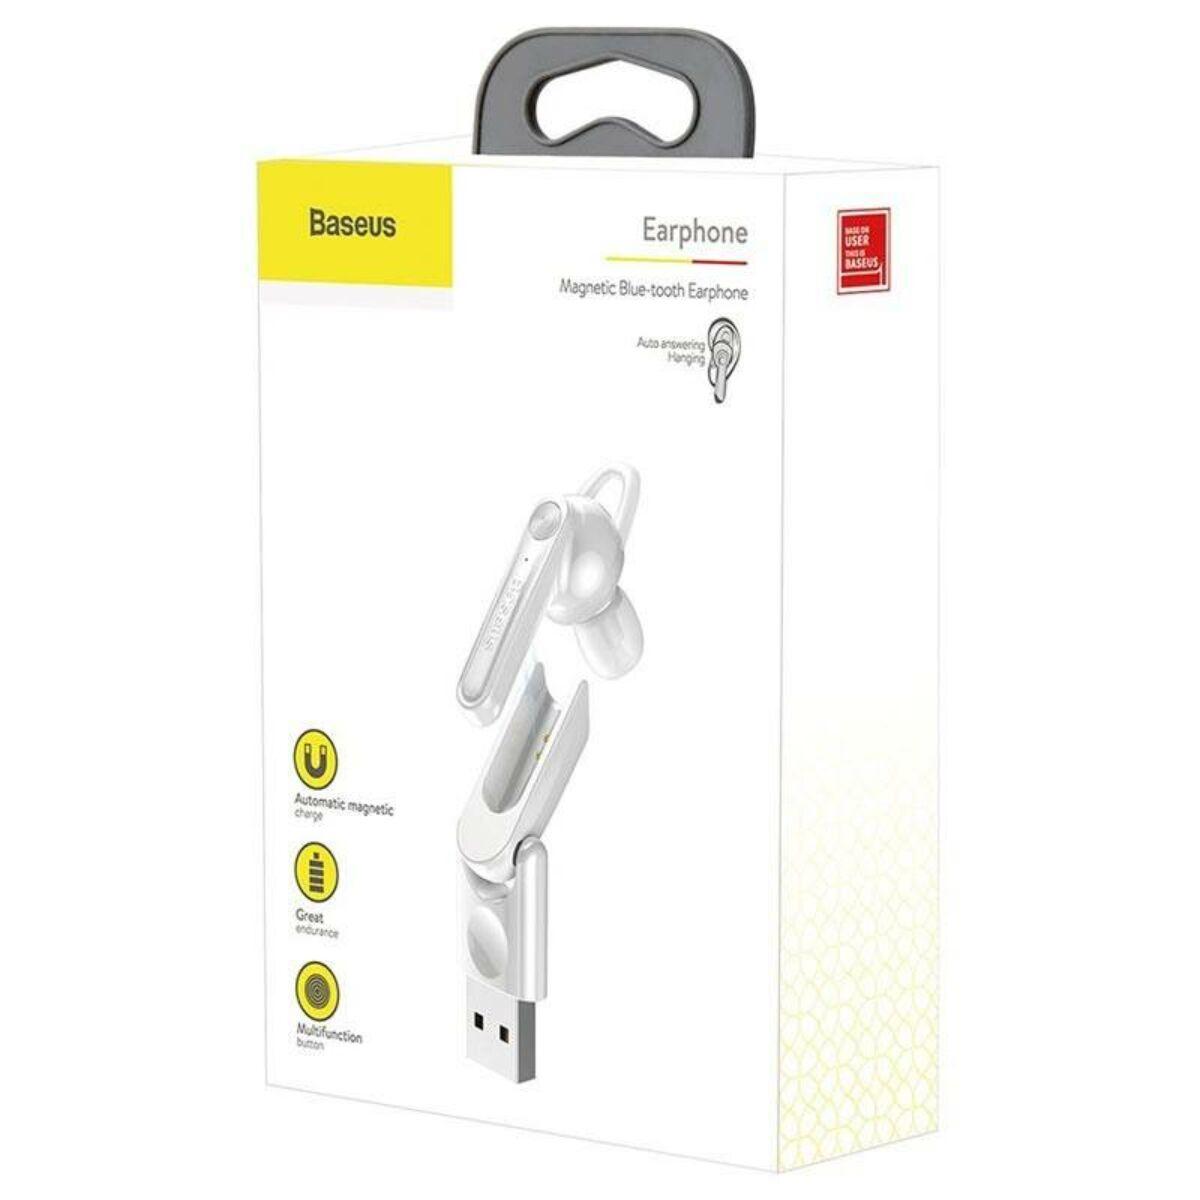 Baseus Headset Bluetooth, Magnetic USB töltőállomással, vezeték nélküli, fehér (NGCX-02)